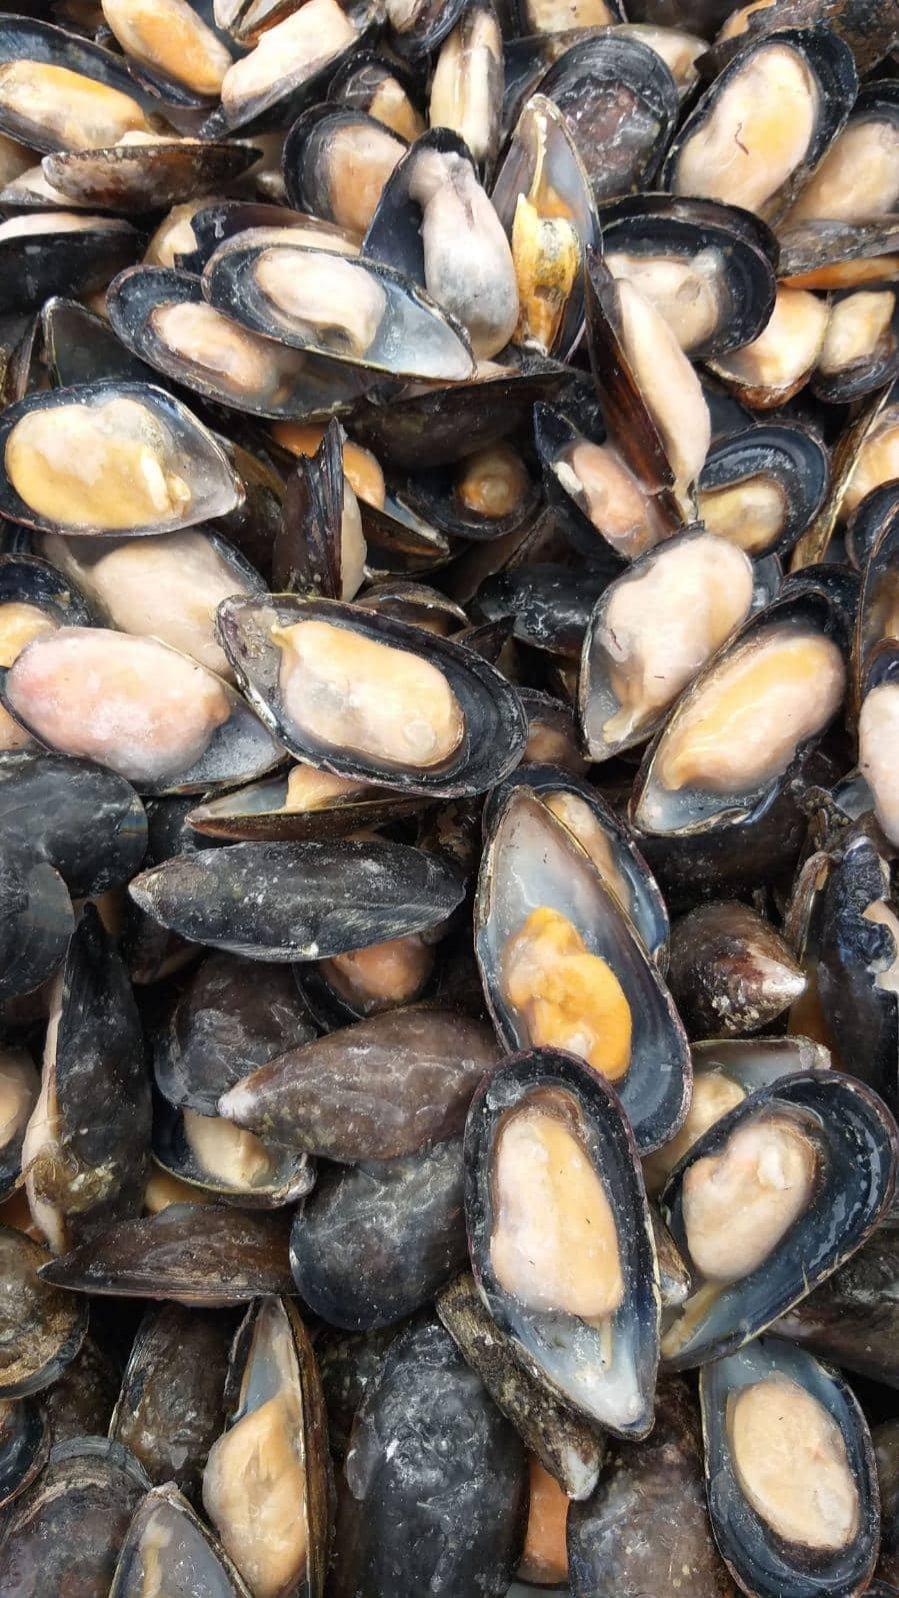 Jesi - Sconto 20% Cozze Cilene 1/2 Guscio Scottate | Sapore di Mare | Jesi, Via Bordoni, 7 | Tel. 0731 208745 | Offerta valida fino al 31/05/19